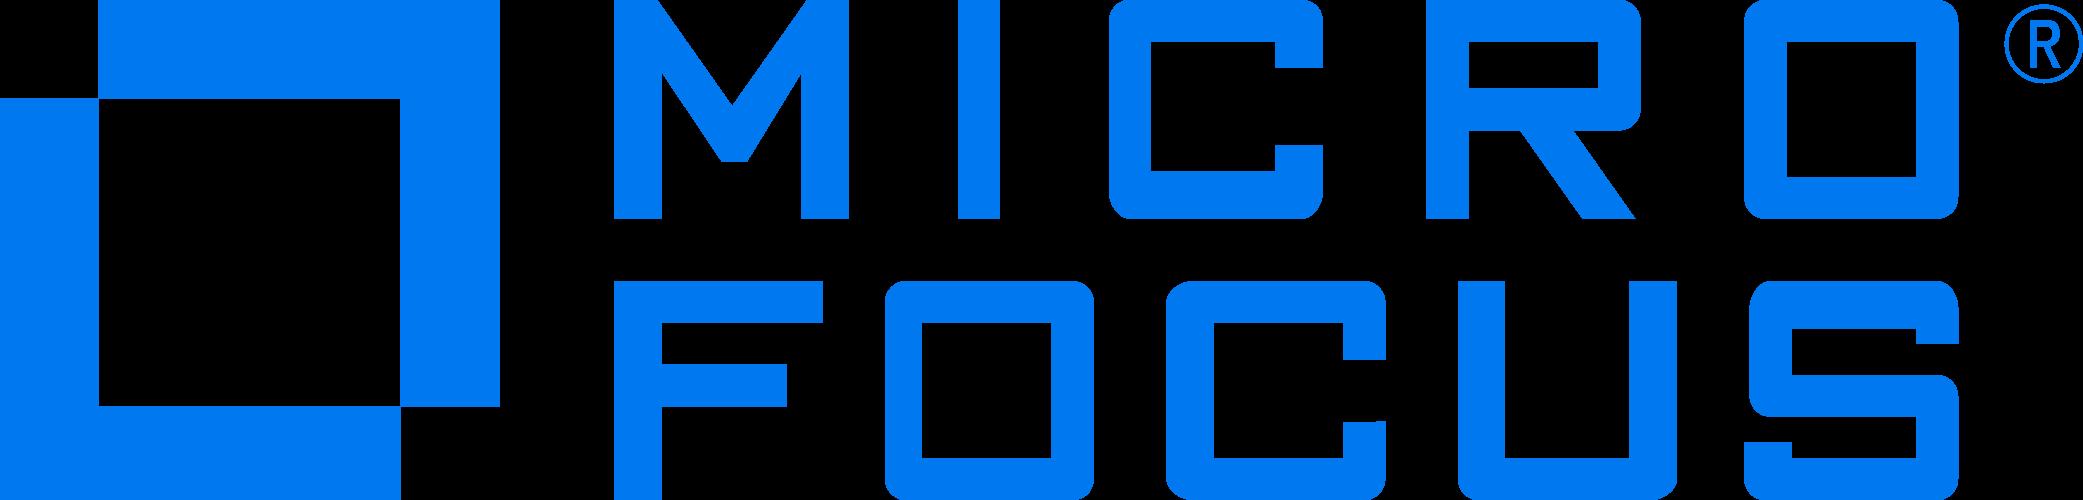 LoadRunner logo